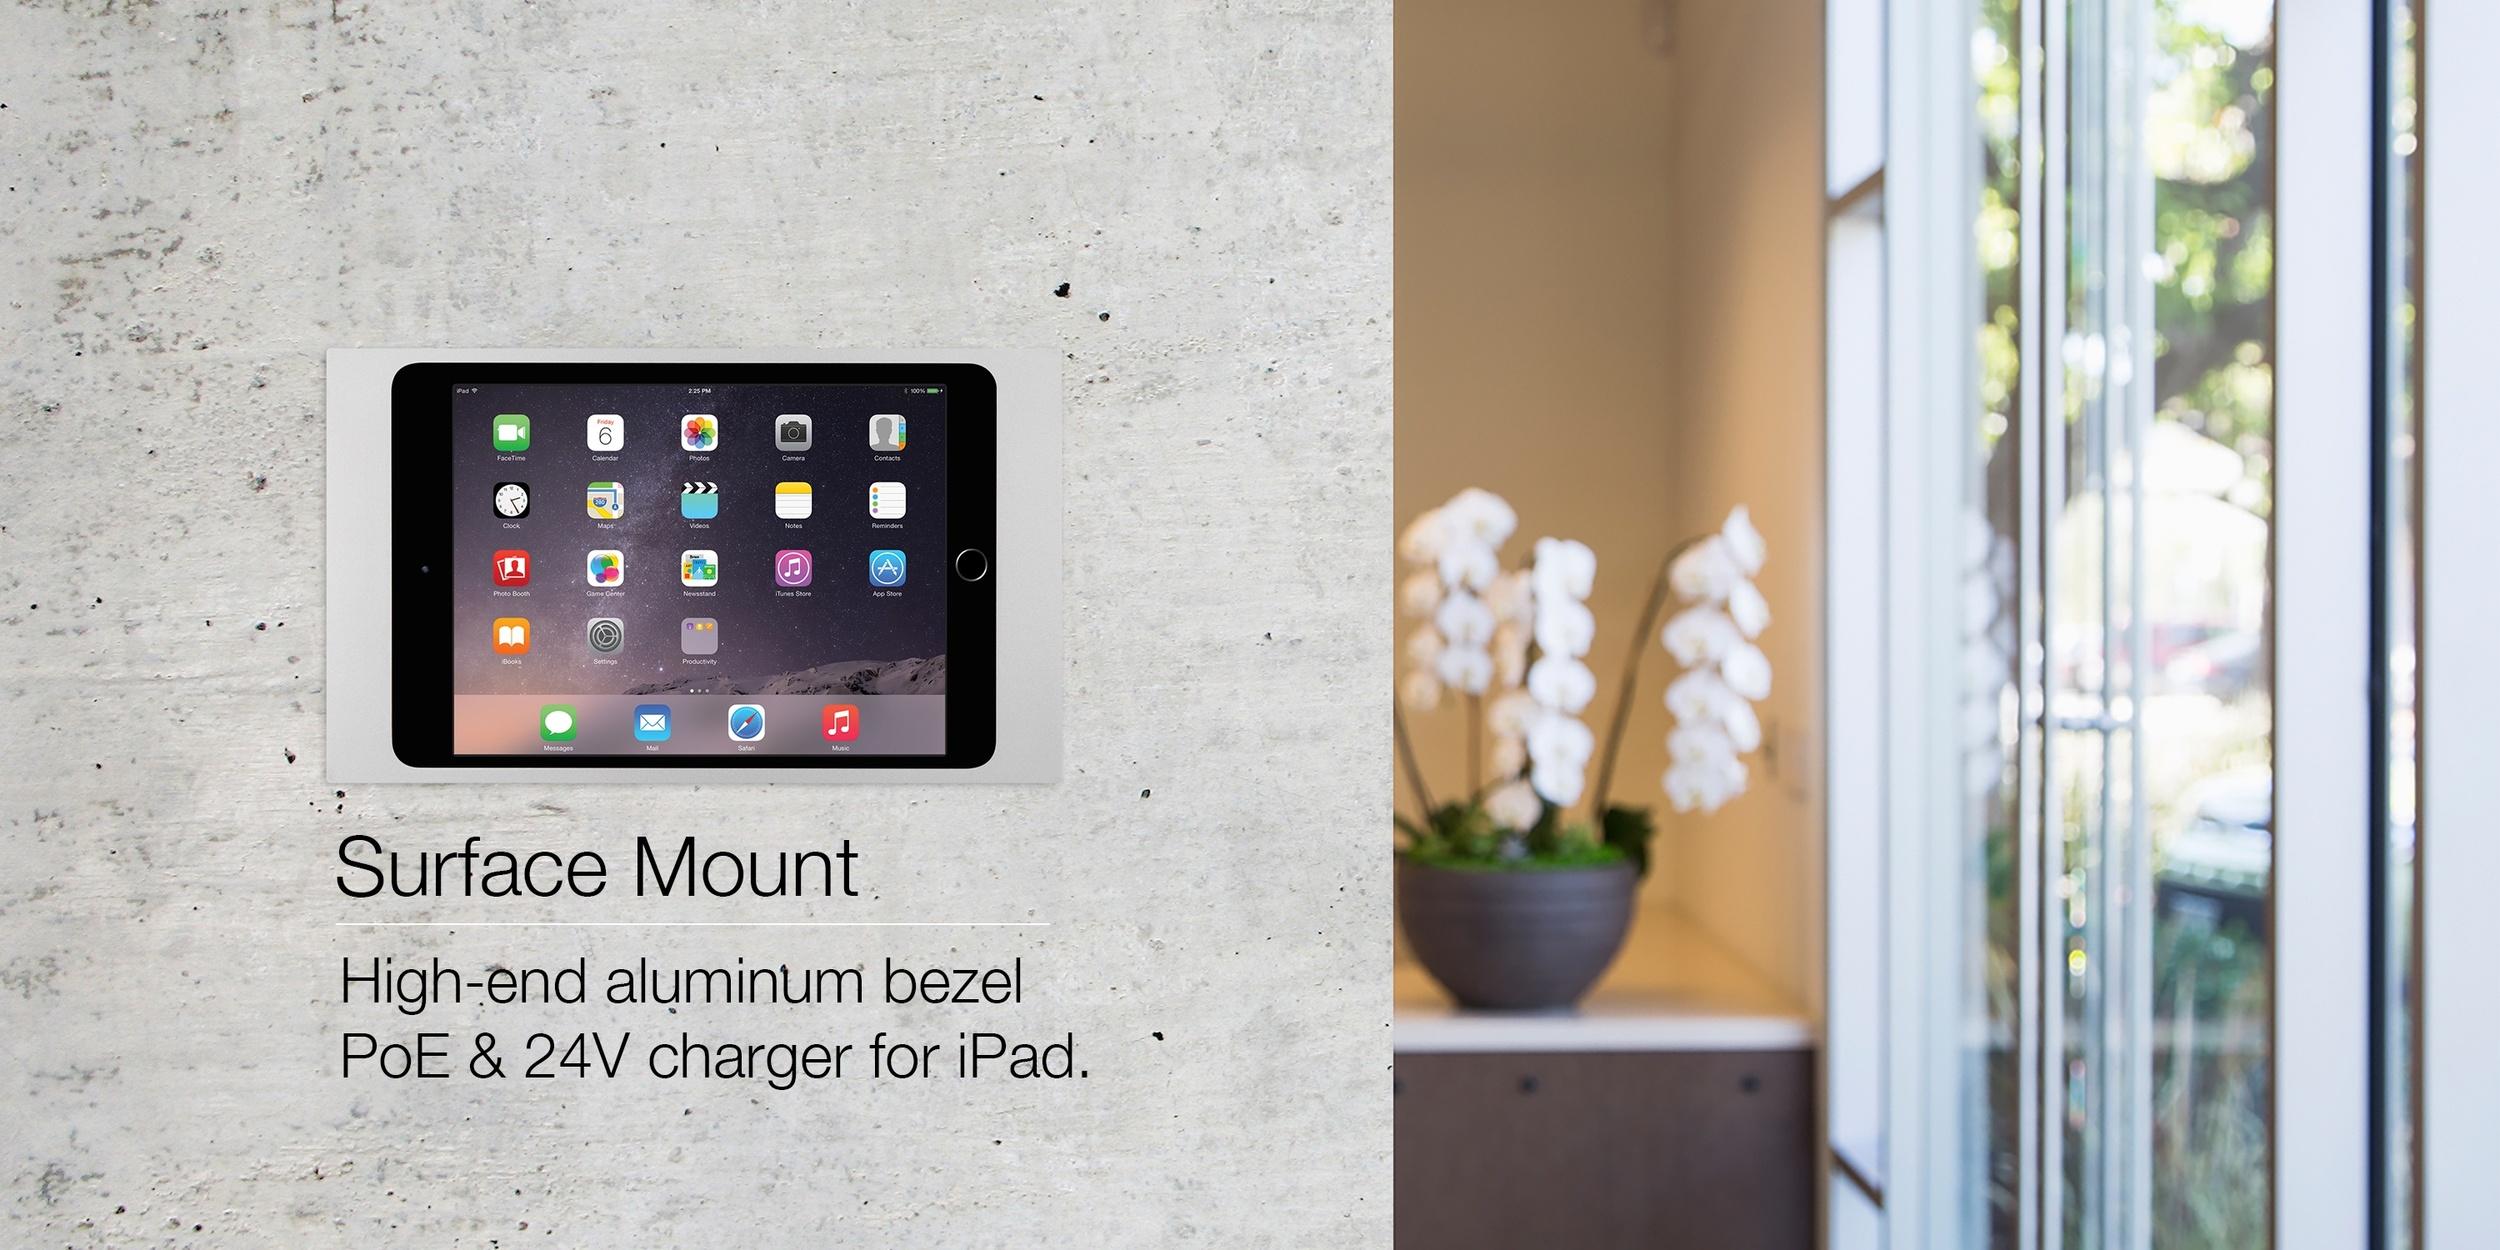 Ipad bathroom wall mount - Surface_mount_hero 2 Jpg